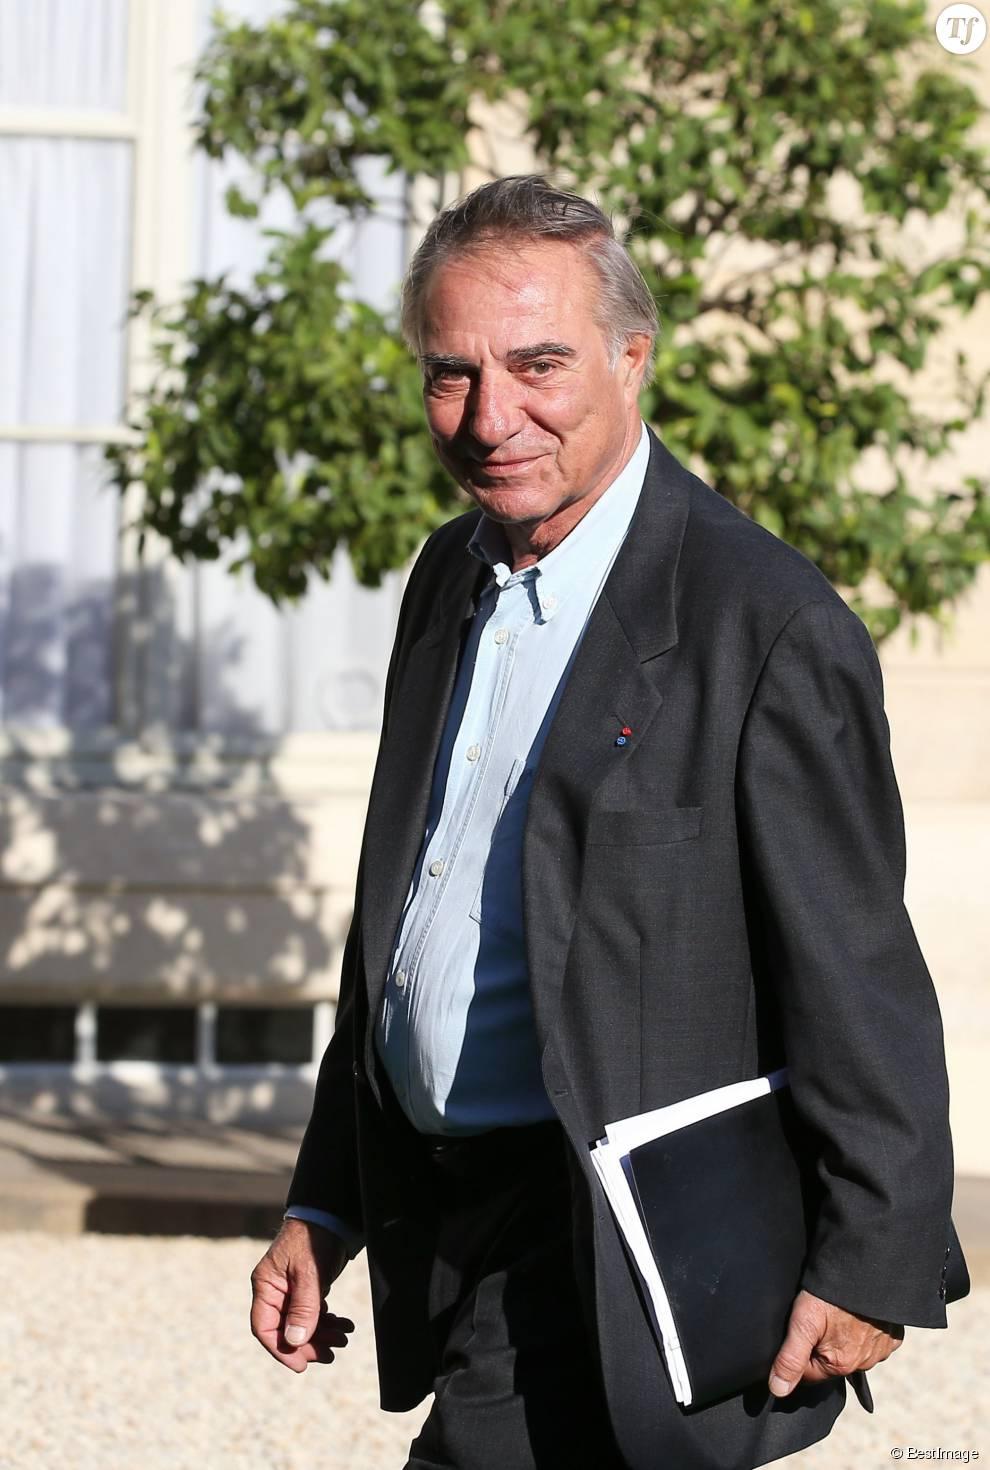 Allain Bougrain-Dubourg - Lancement de la conférence des Nations-Unis sur les changements climatiques, COP 21 , au Palais de l'Elysée à Paris le 10 septembre 2015.